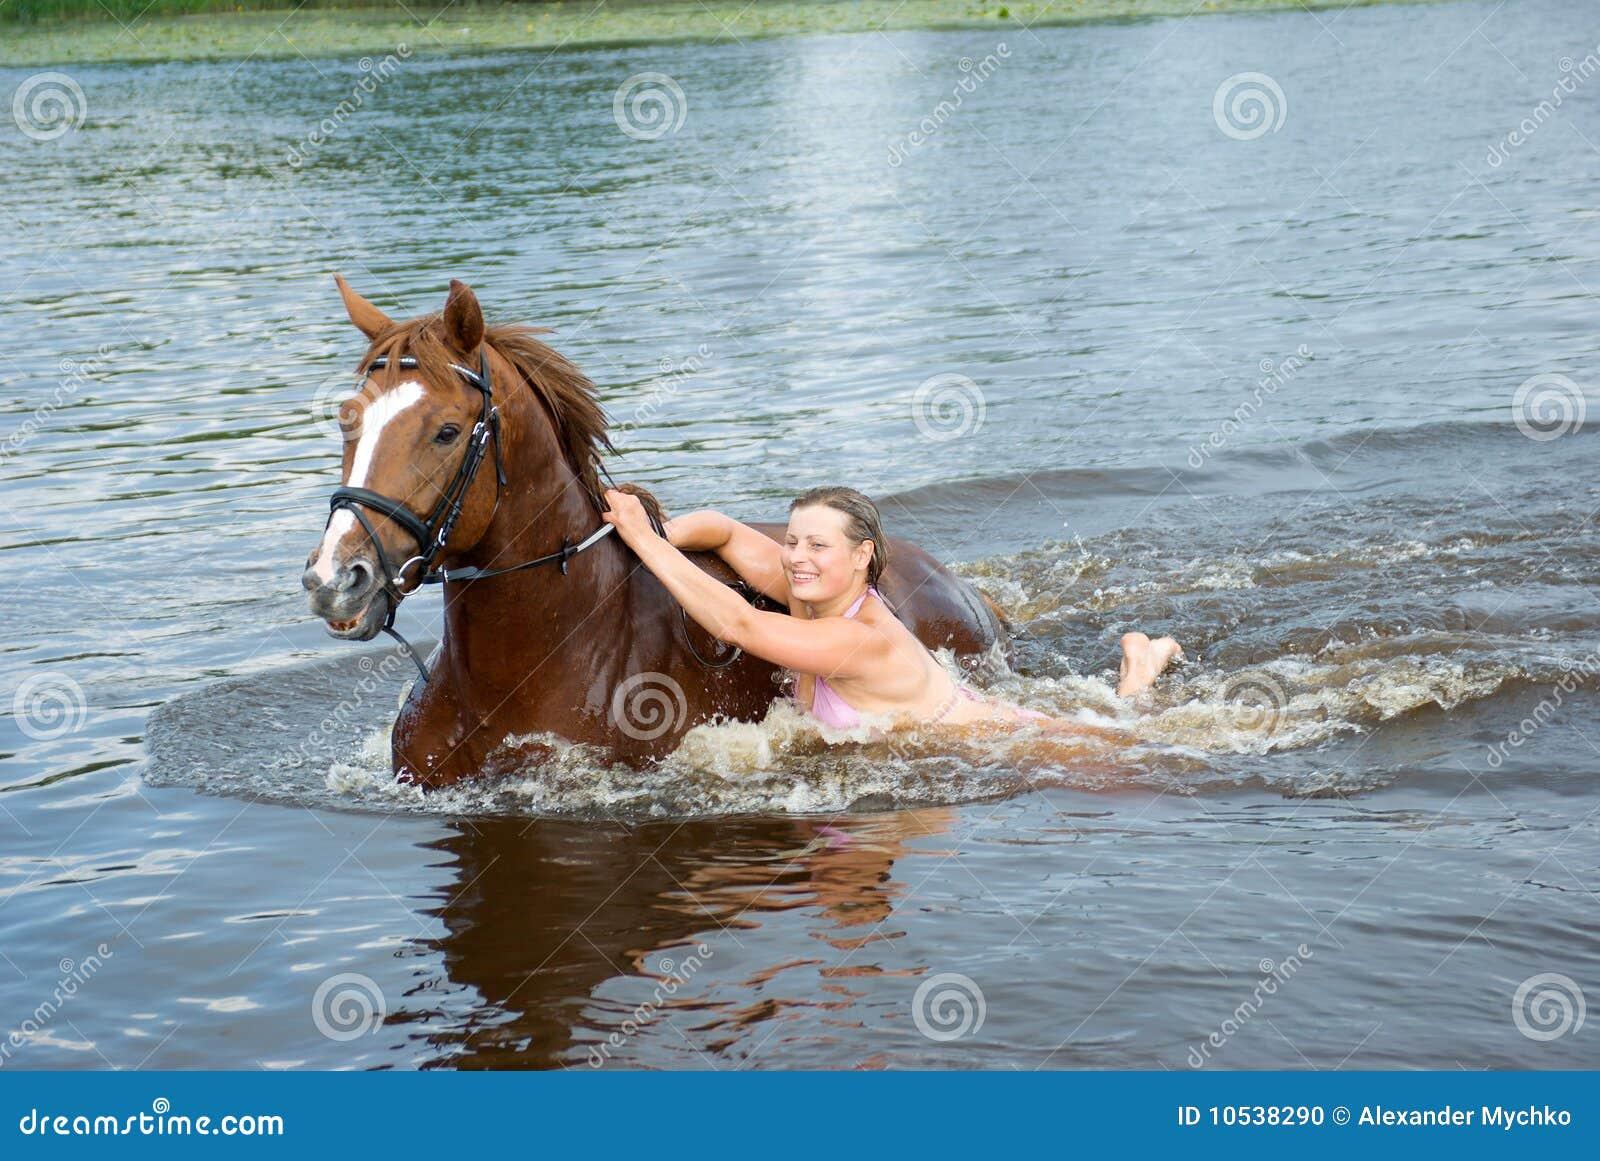 Фото девушка купается в речке 29 фотография